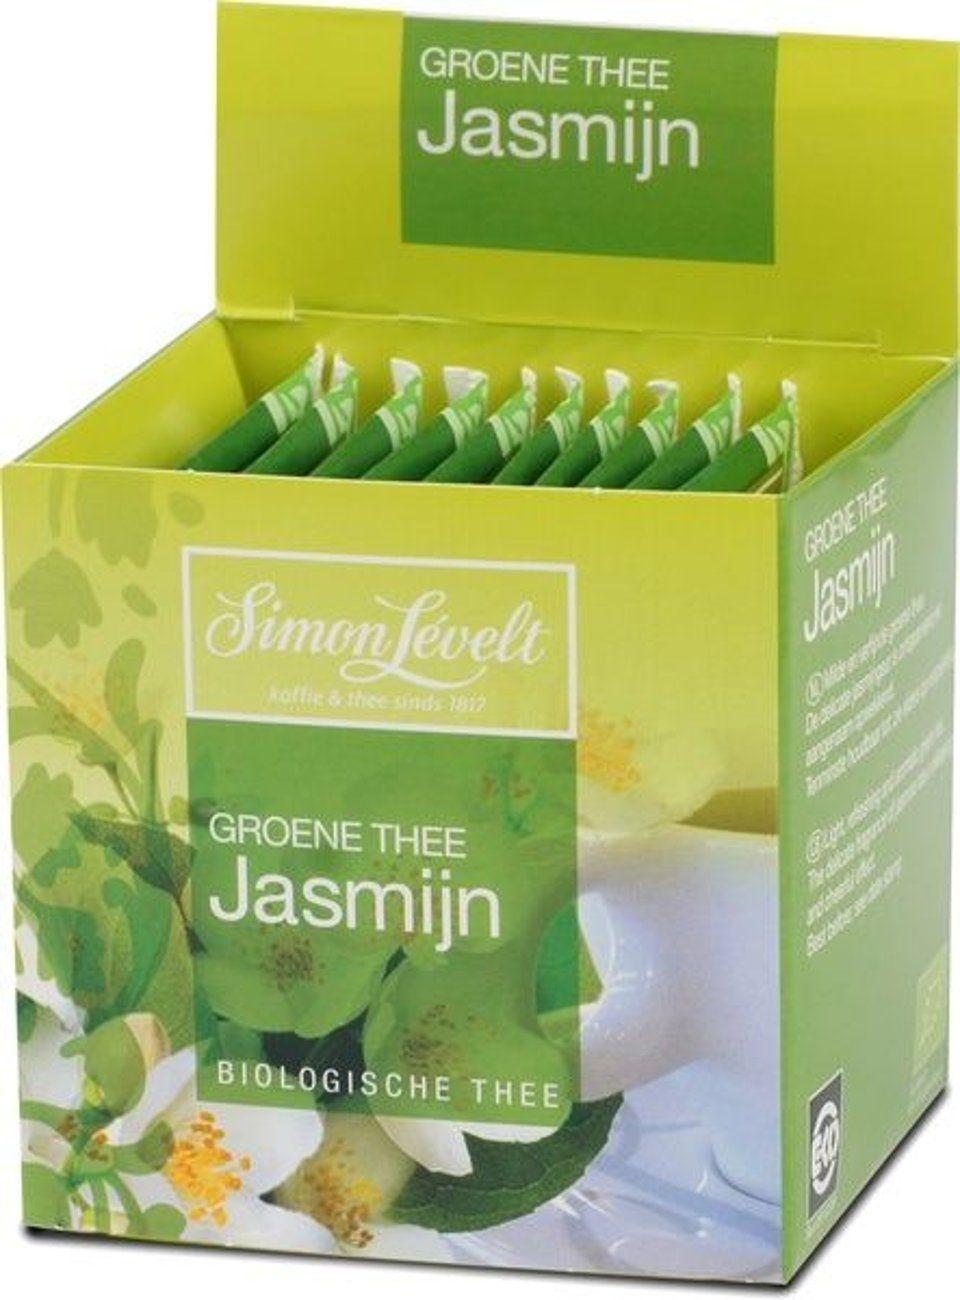 Groene thee jasmijn builtjes